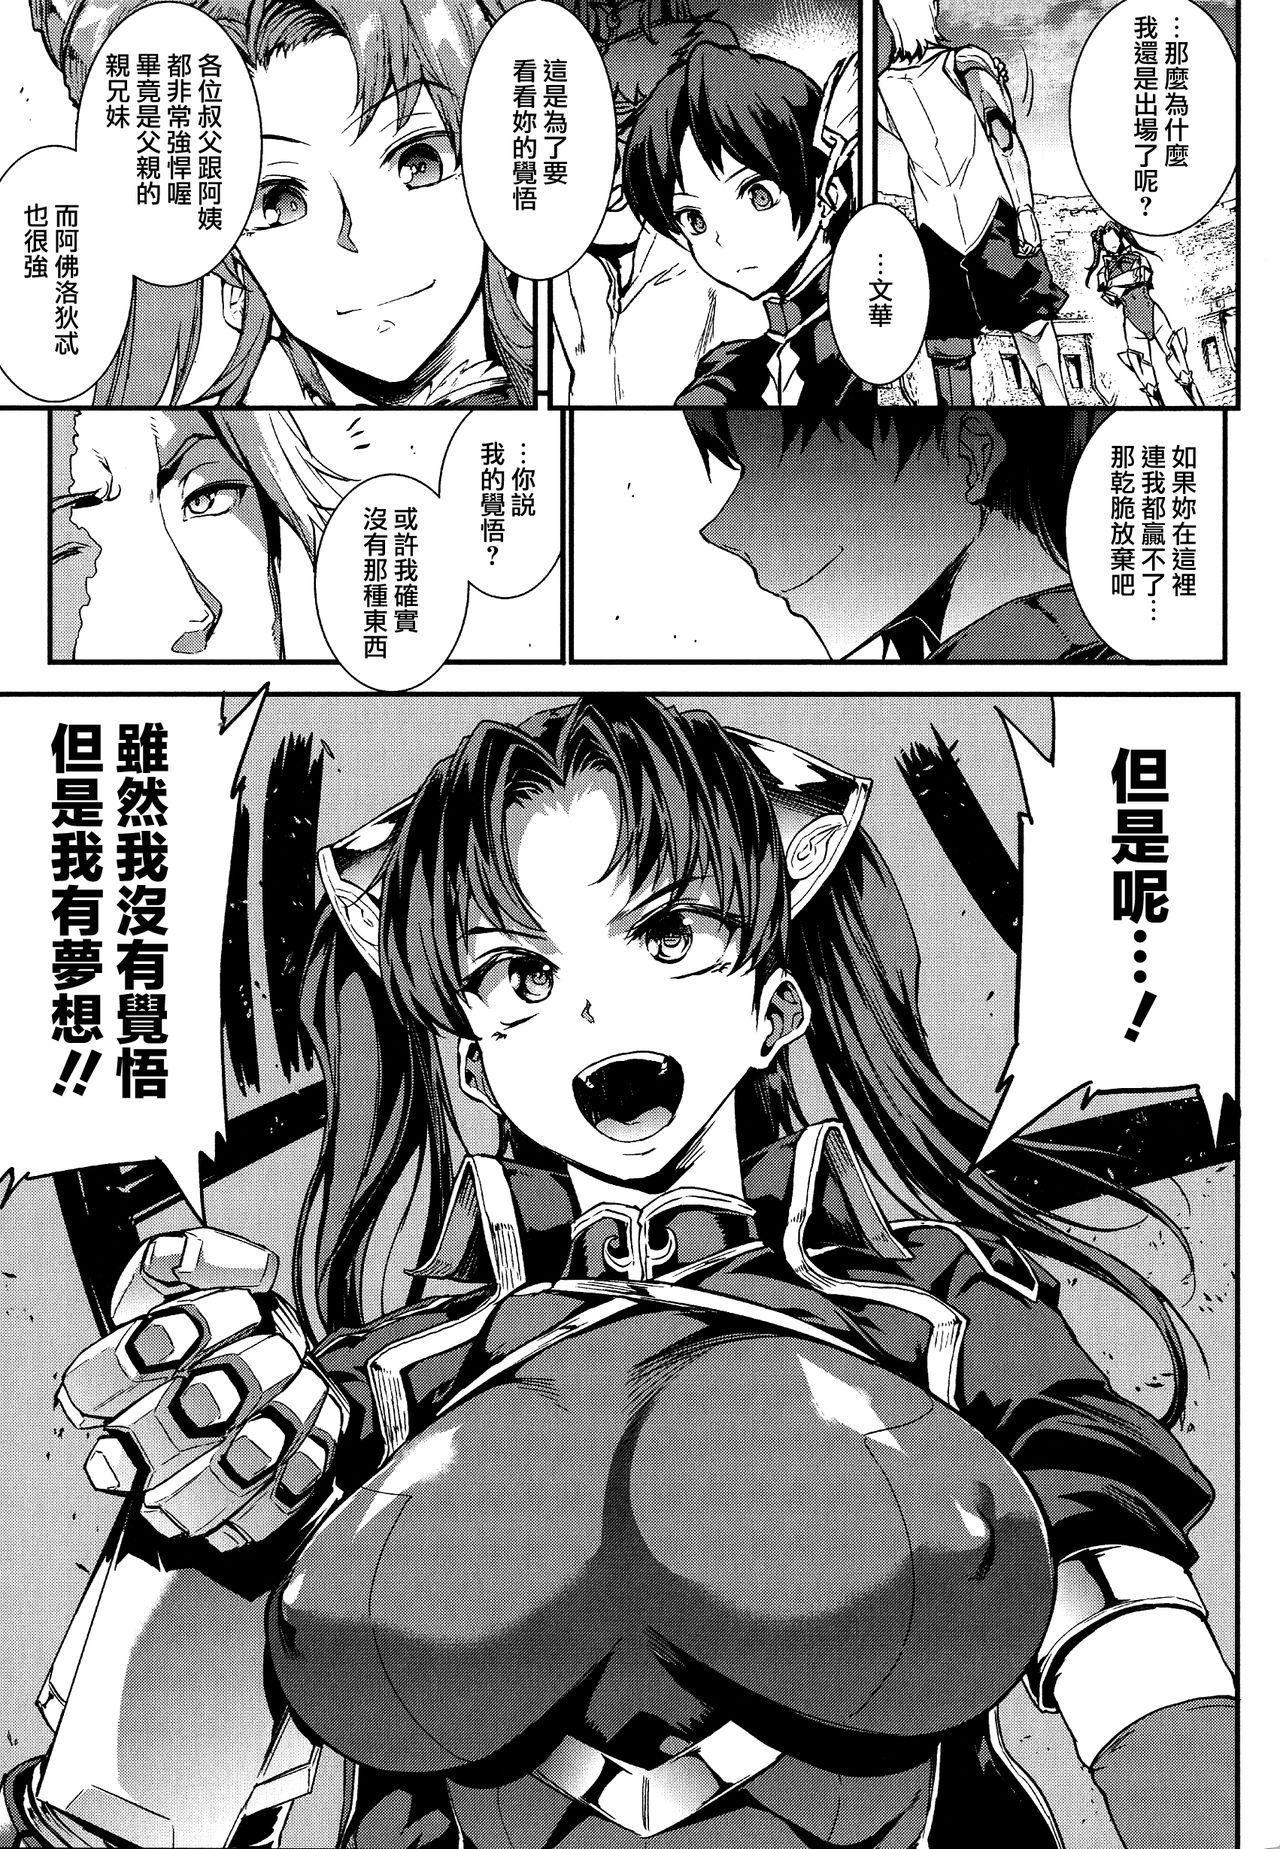 Raikou Shinki Igis Magia 113